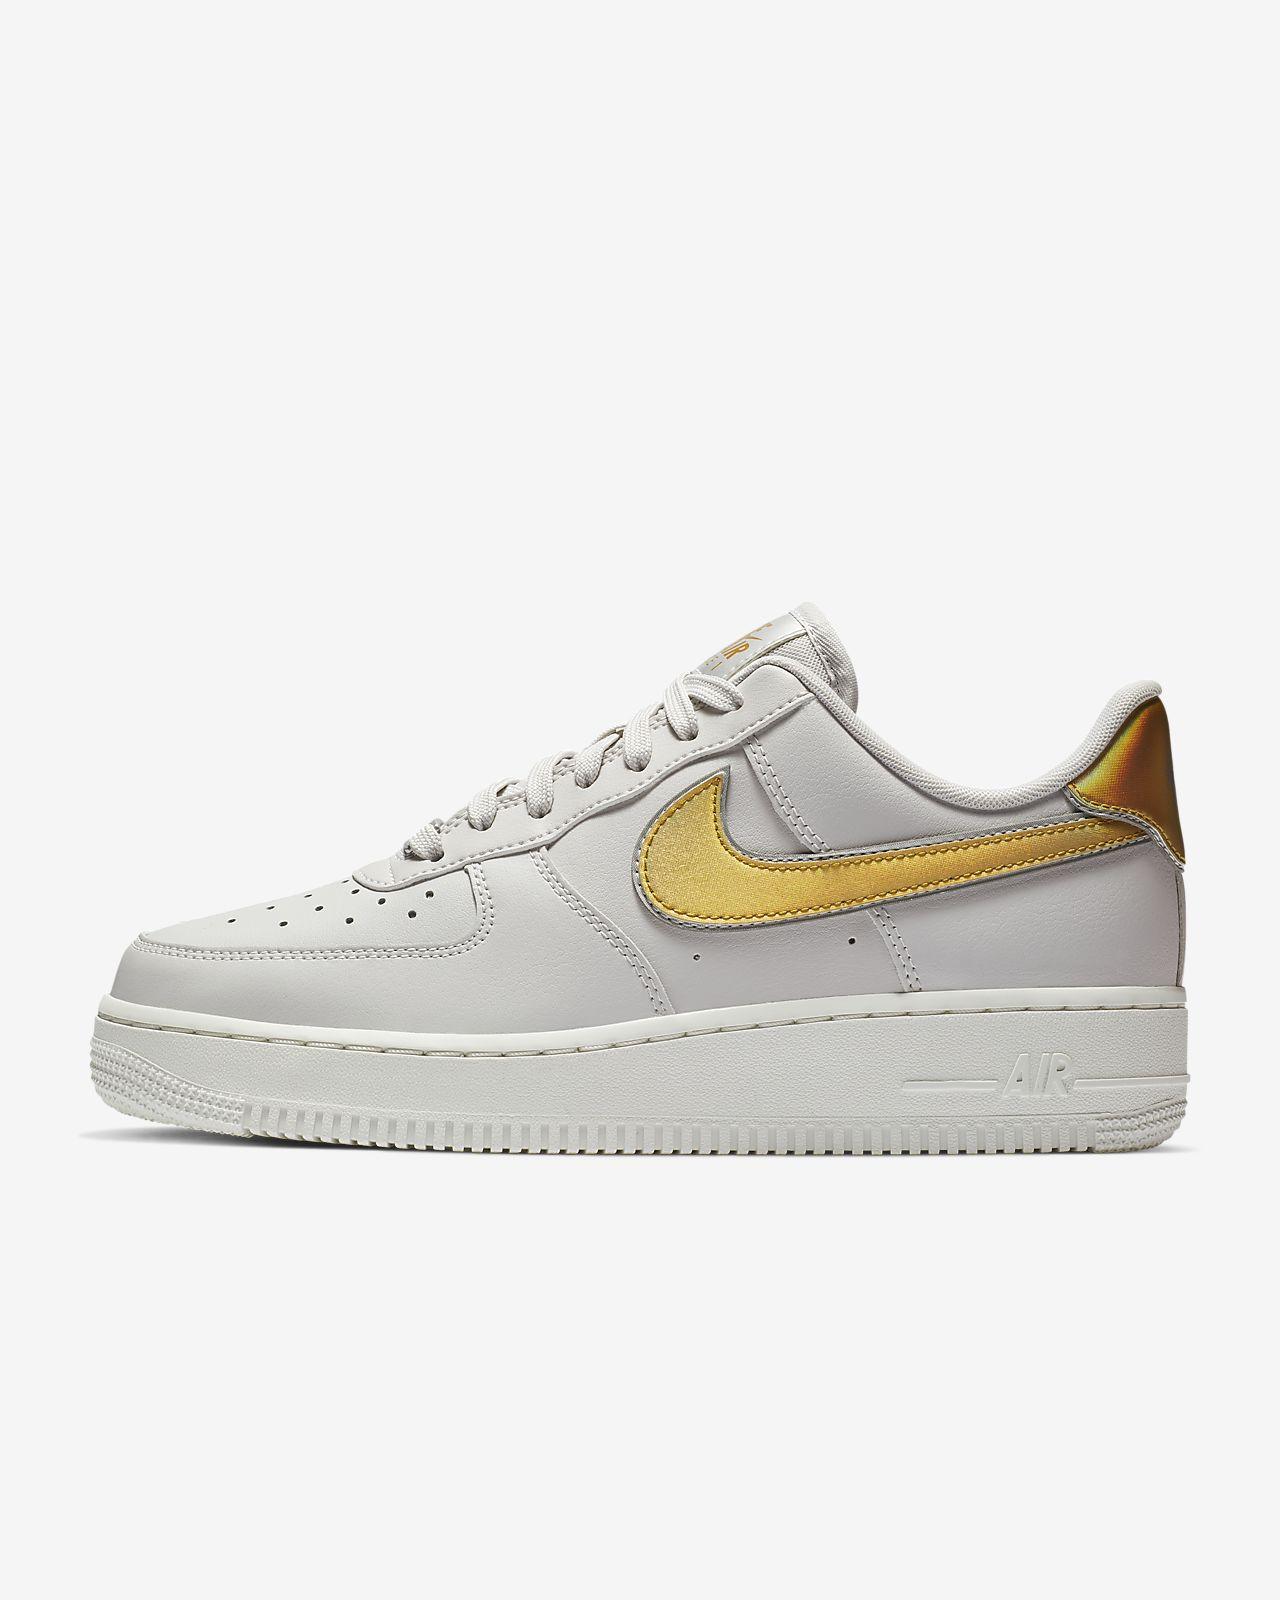 new style 494b7 c7e1d ... Nike Air Force 1 07 Metallic-sko til kvinder